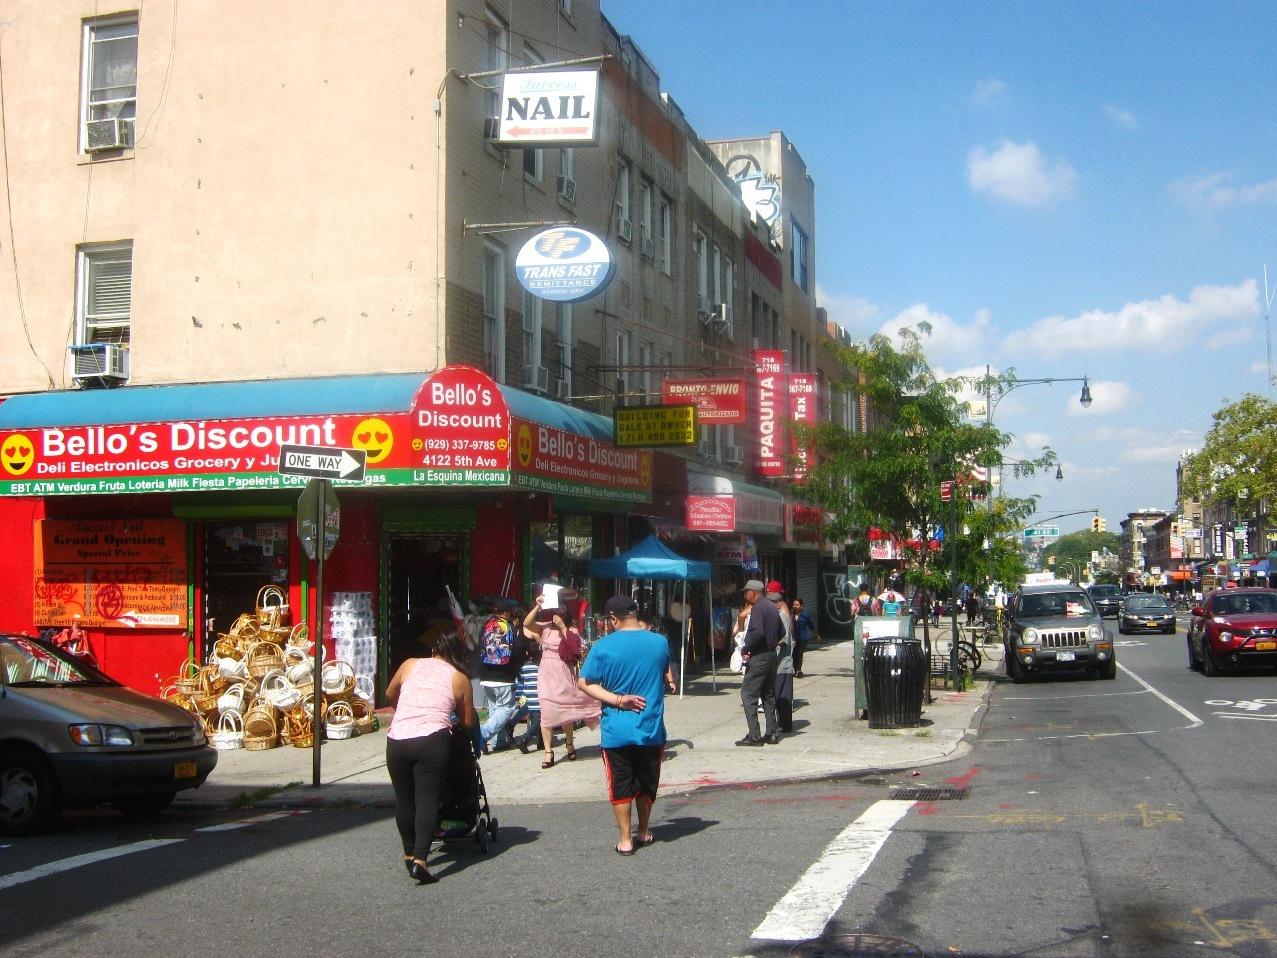 ブルックリン・サンセットパークのヒスパニック系の街(5番街)。